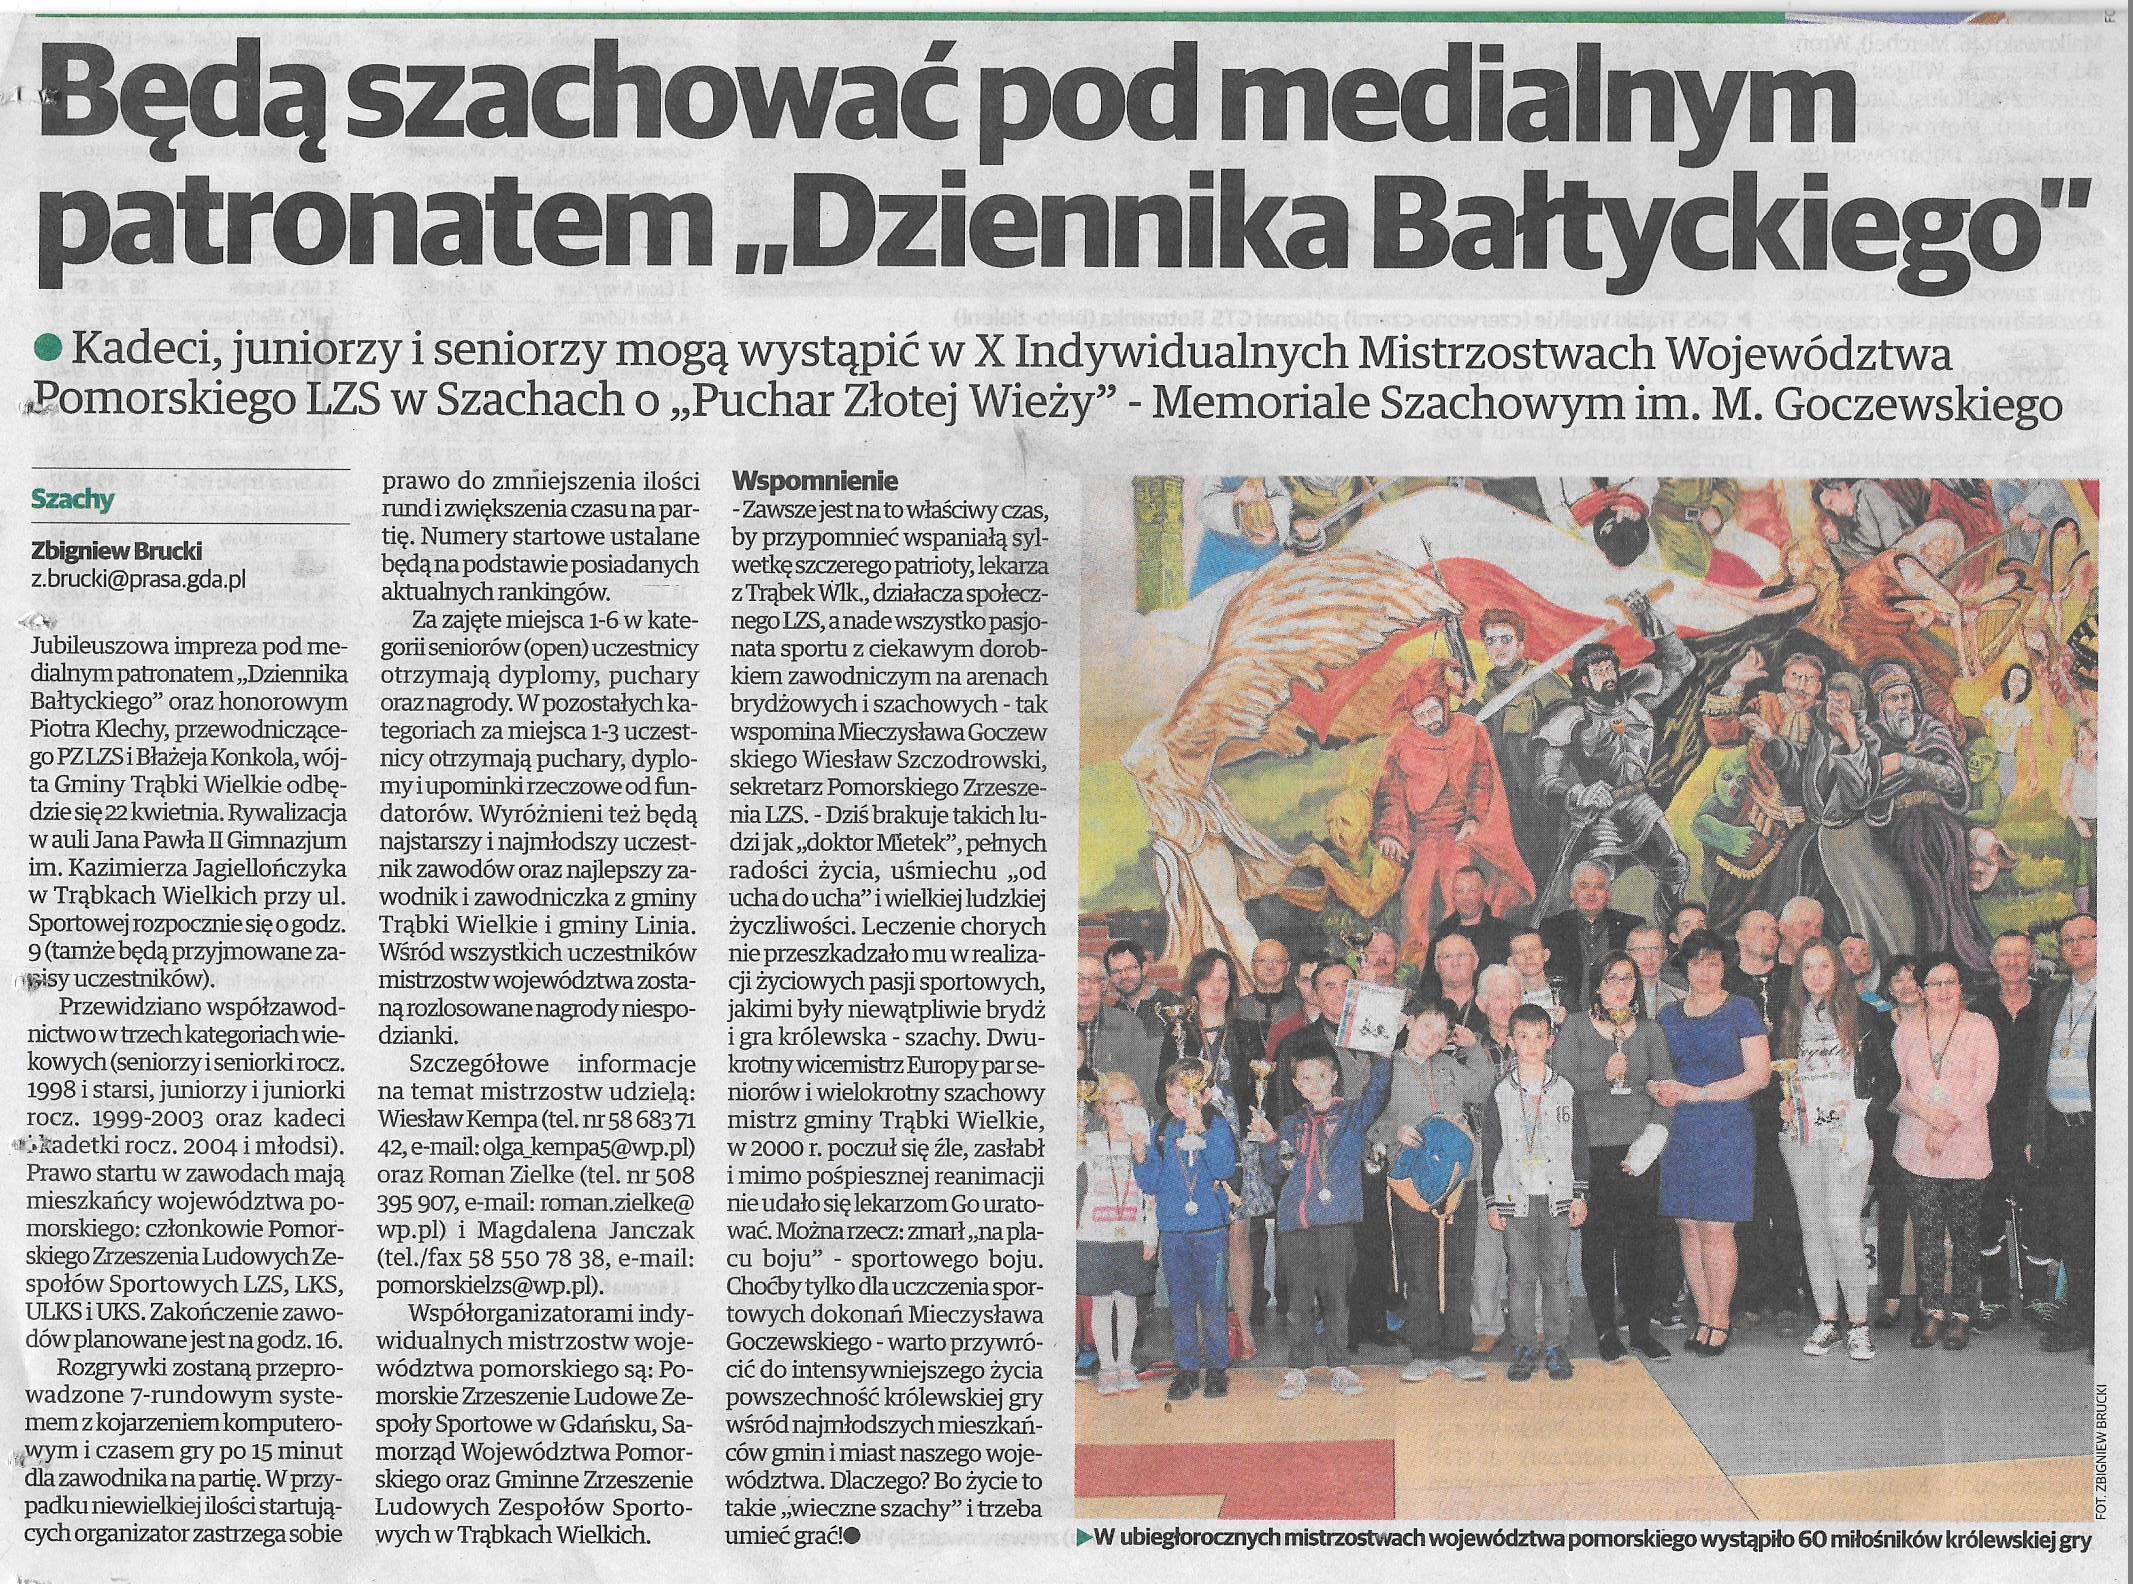 Echo Pruszcza Gdańskiego, 31.03.2017